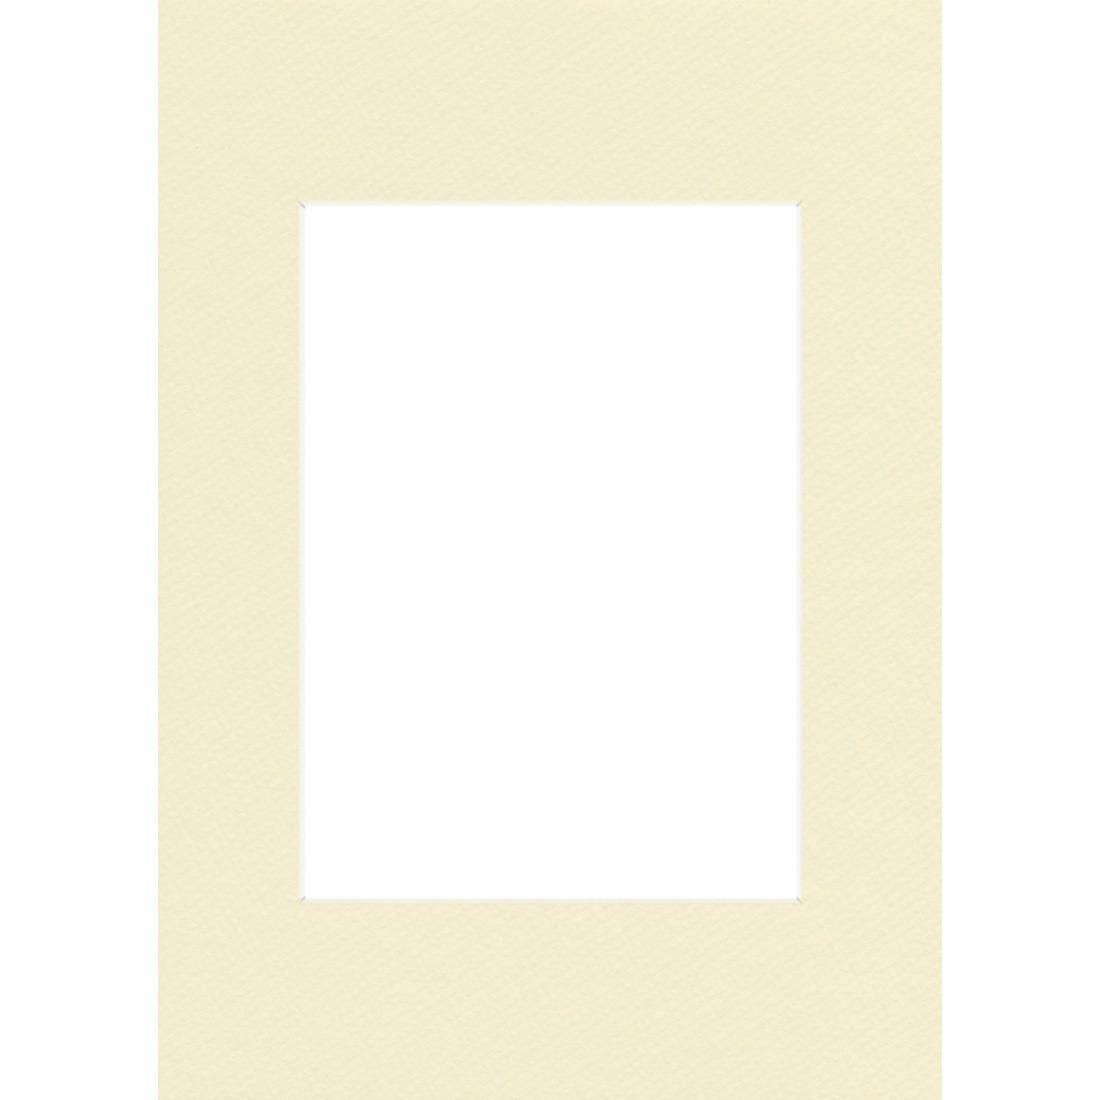 00063260 Hama Premium Passepartout Elfenbein 50 X 70 Cm